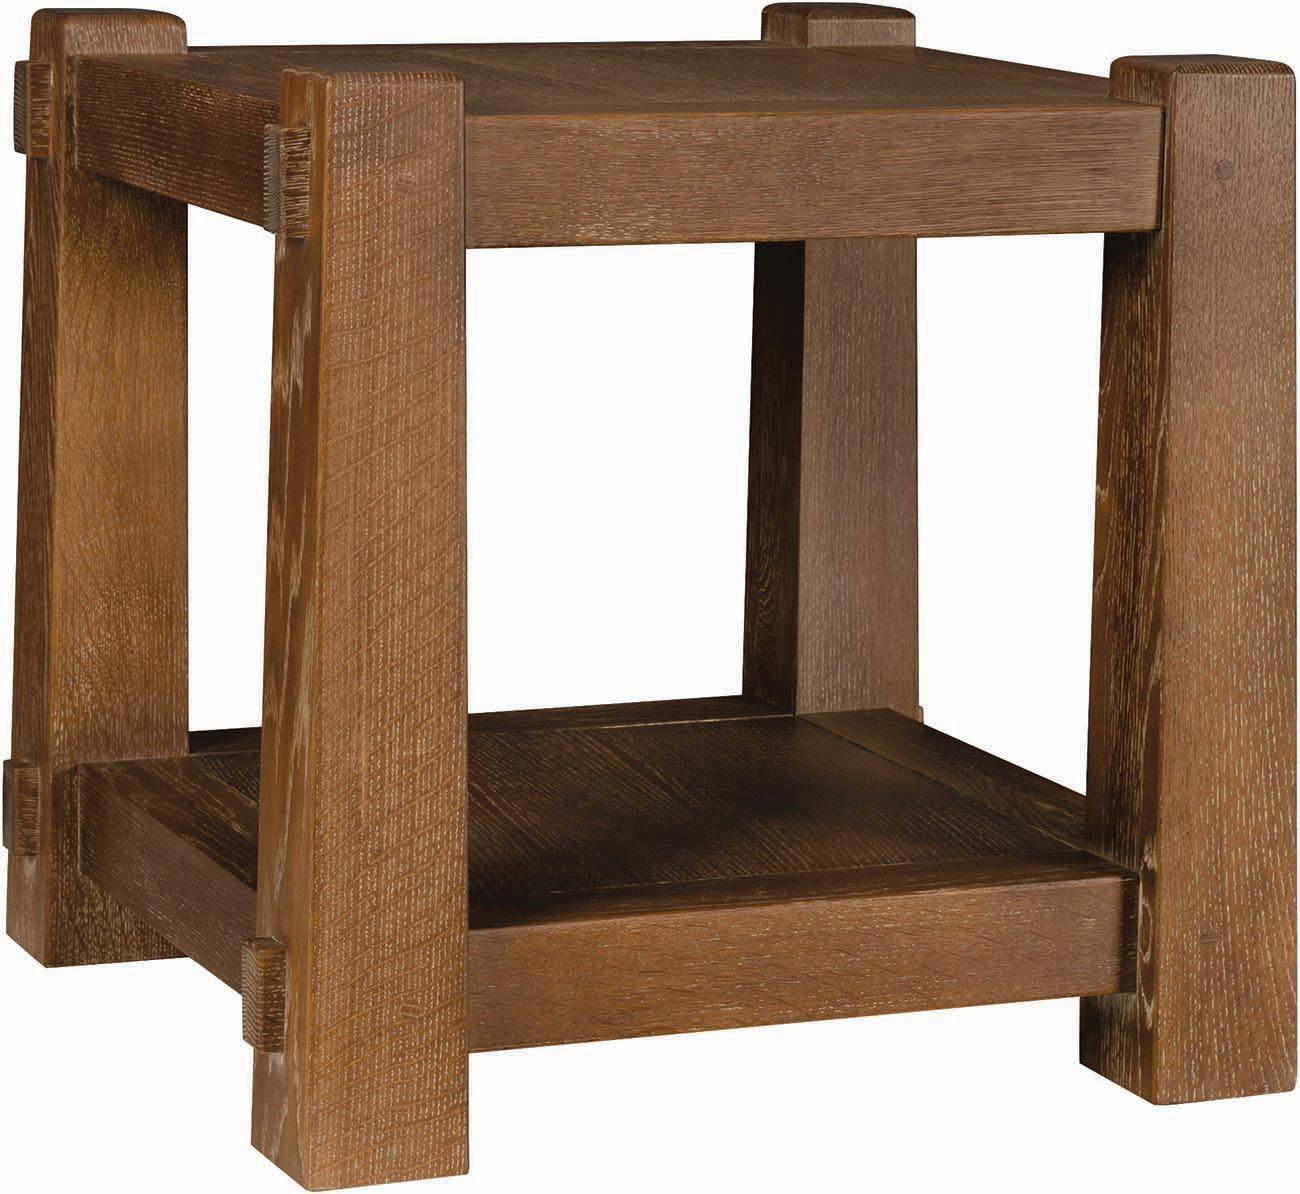 Grand Lodge Oakmont Oakmont End Table by Stickley at Jacksonville Furniture Mart